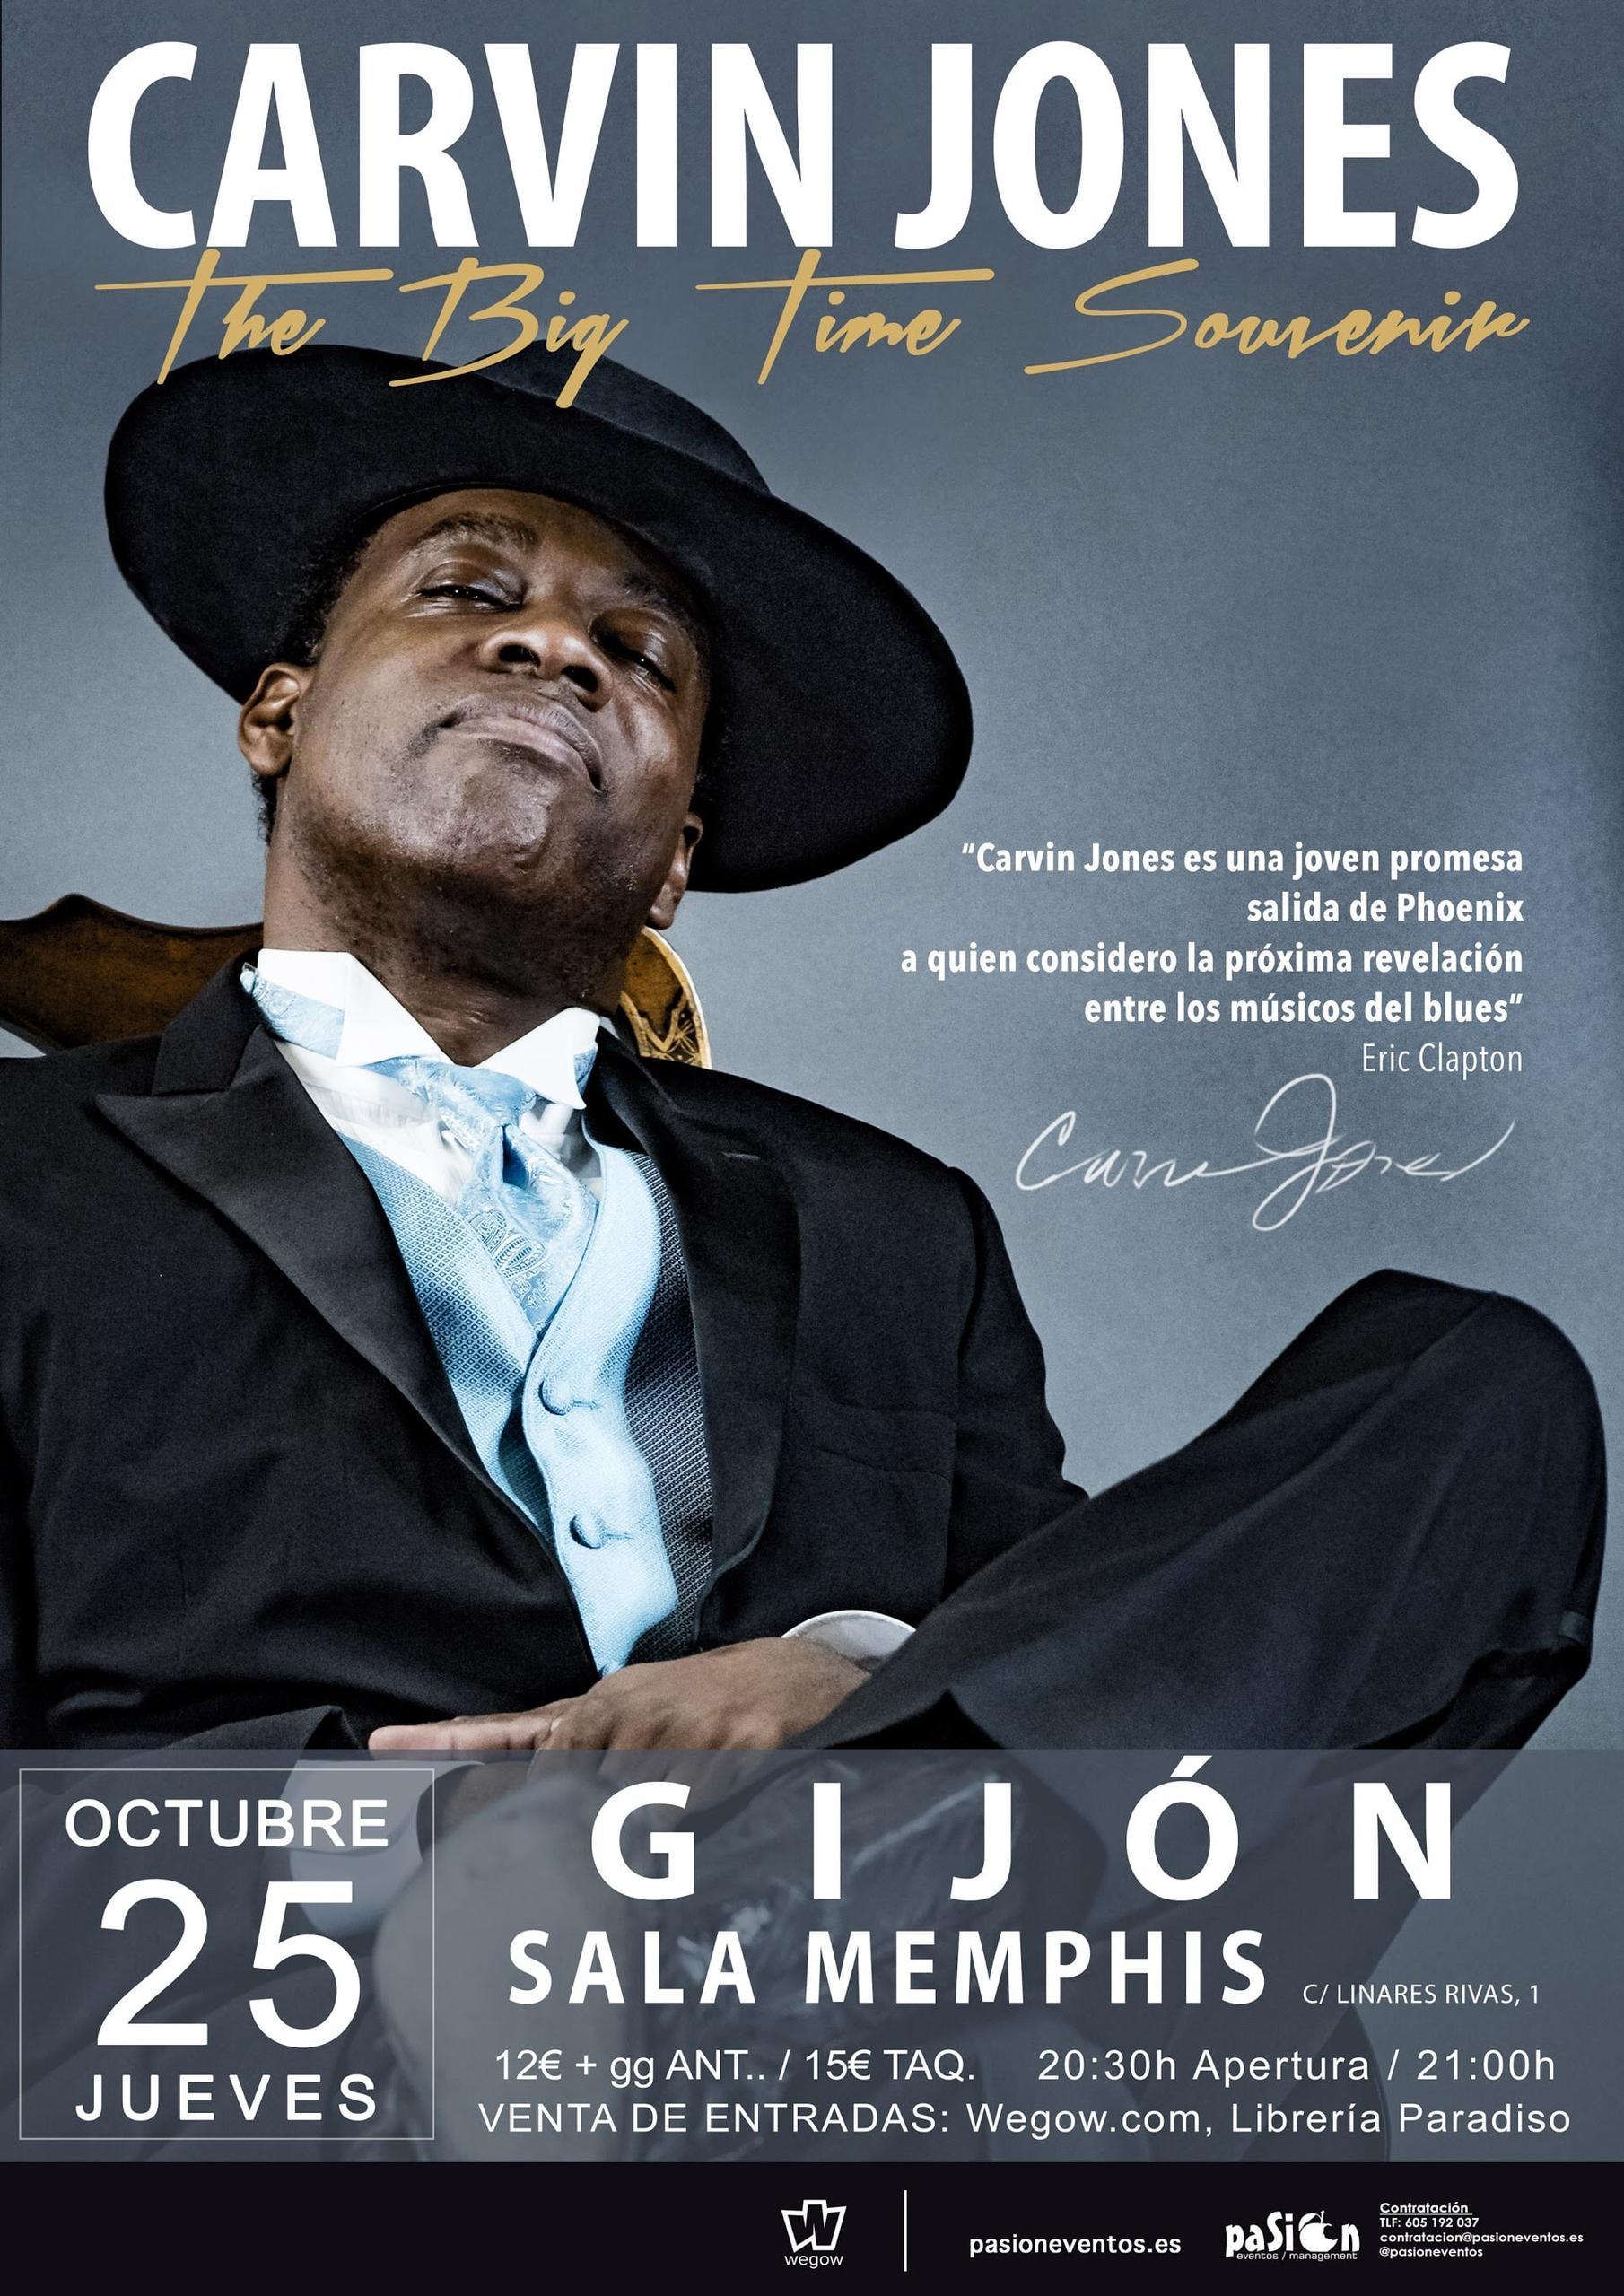 Concierto de Carvin Jones en Gijón